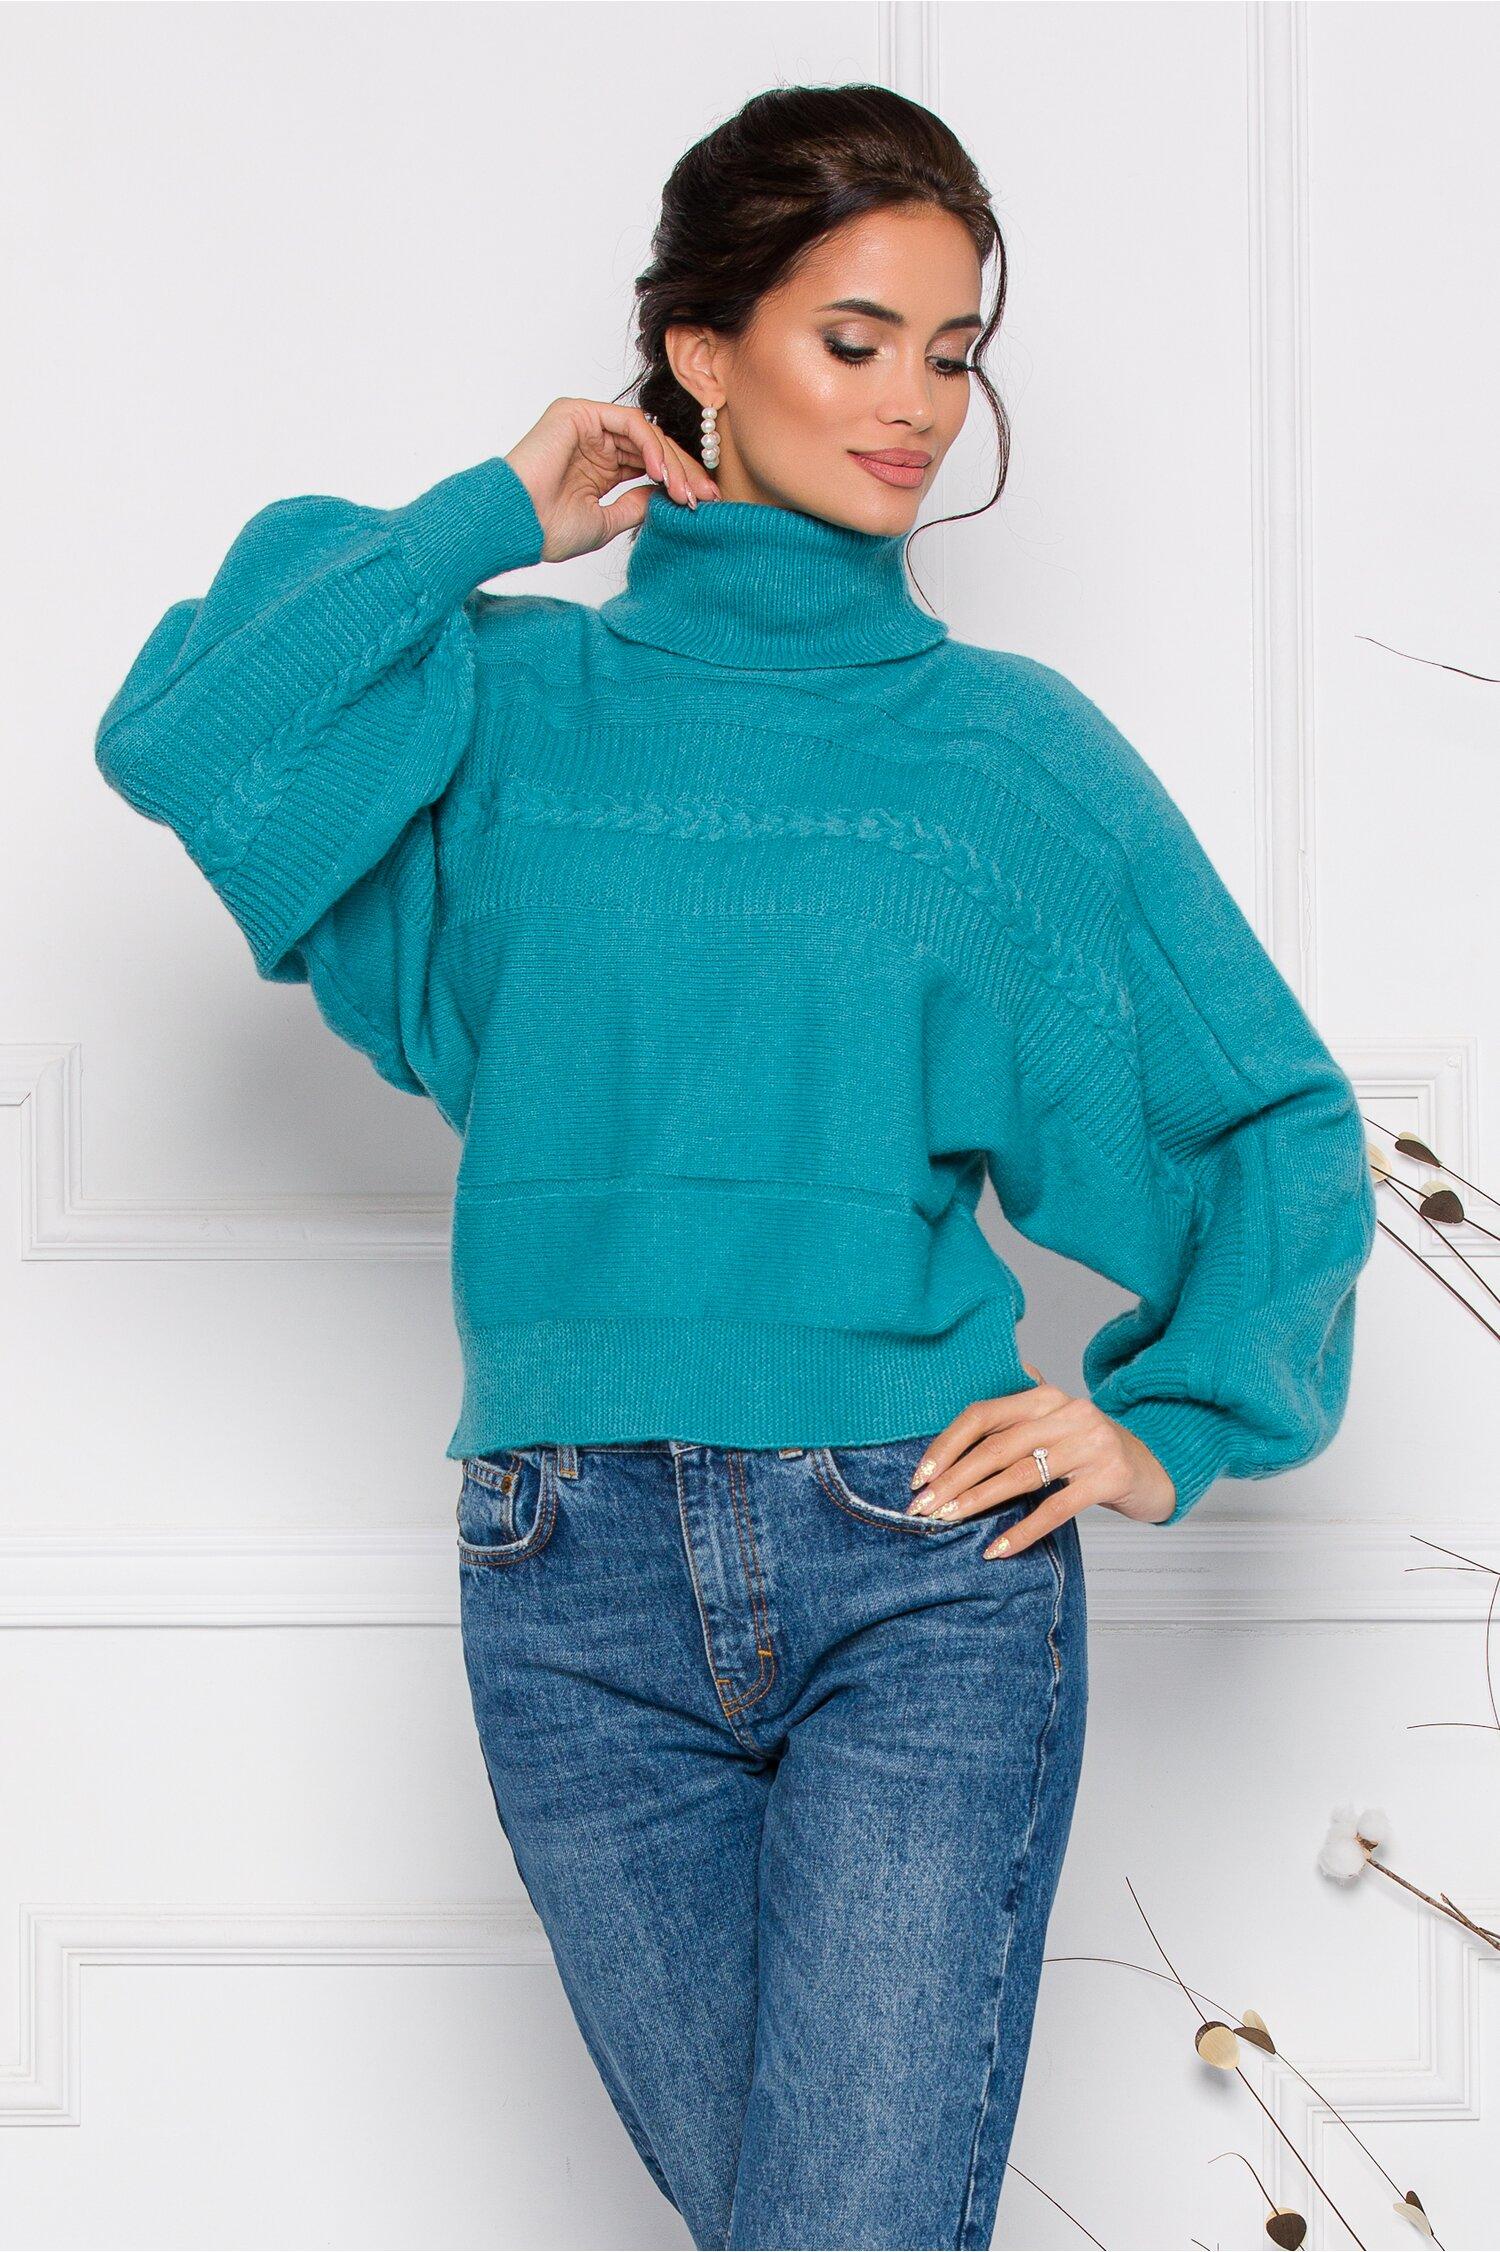 Pulover Dory scurt turcoaz din tricot cu guler inalt imagine